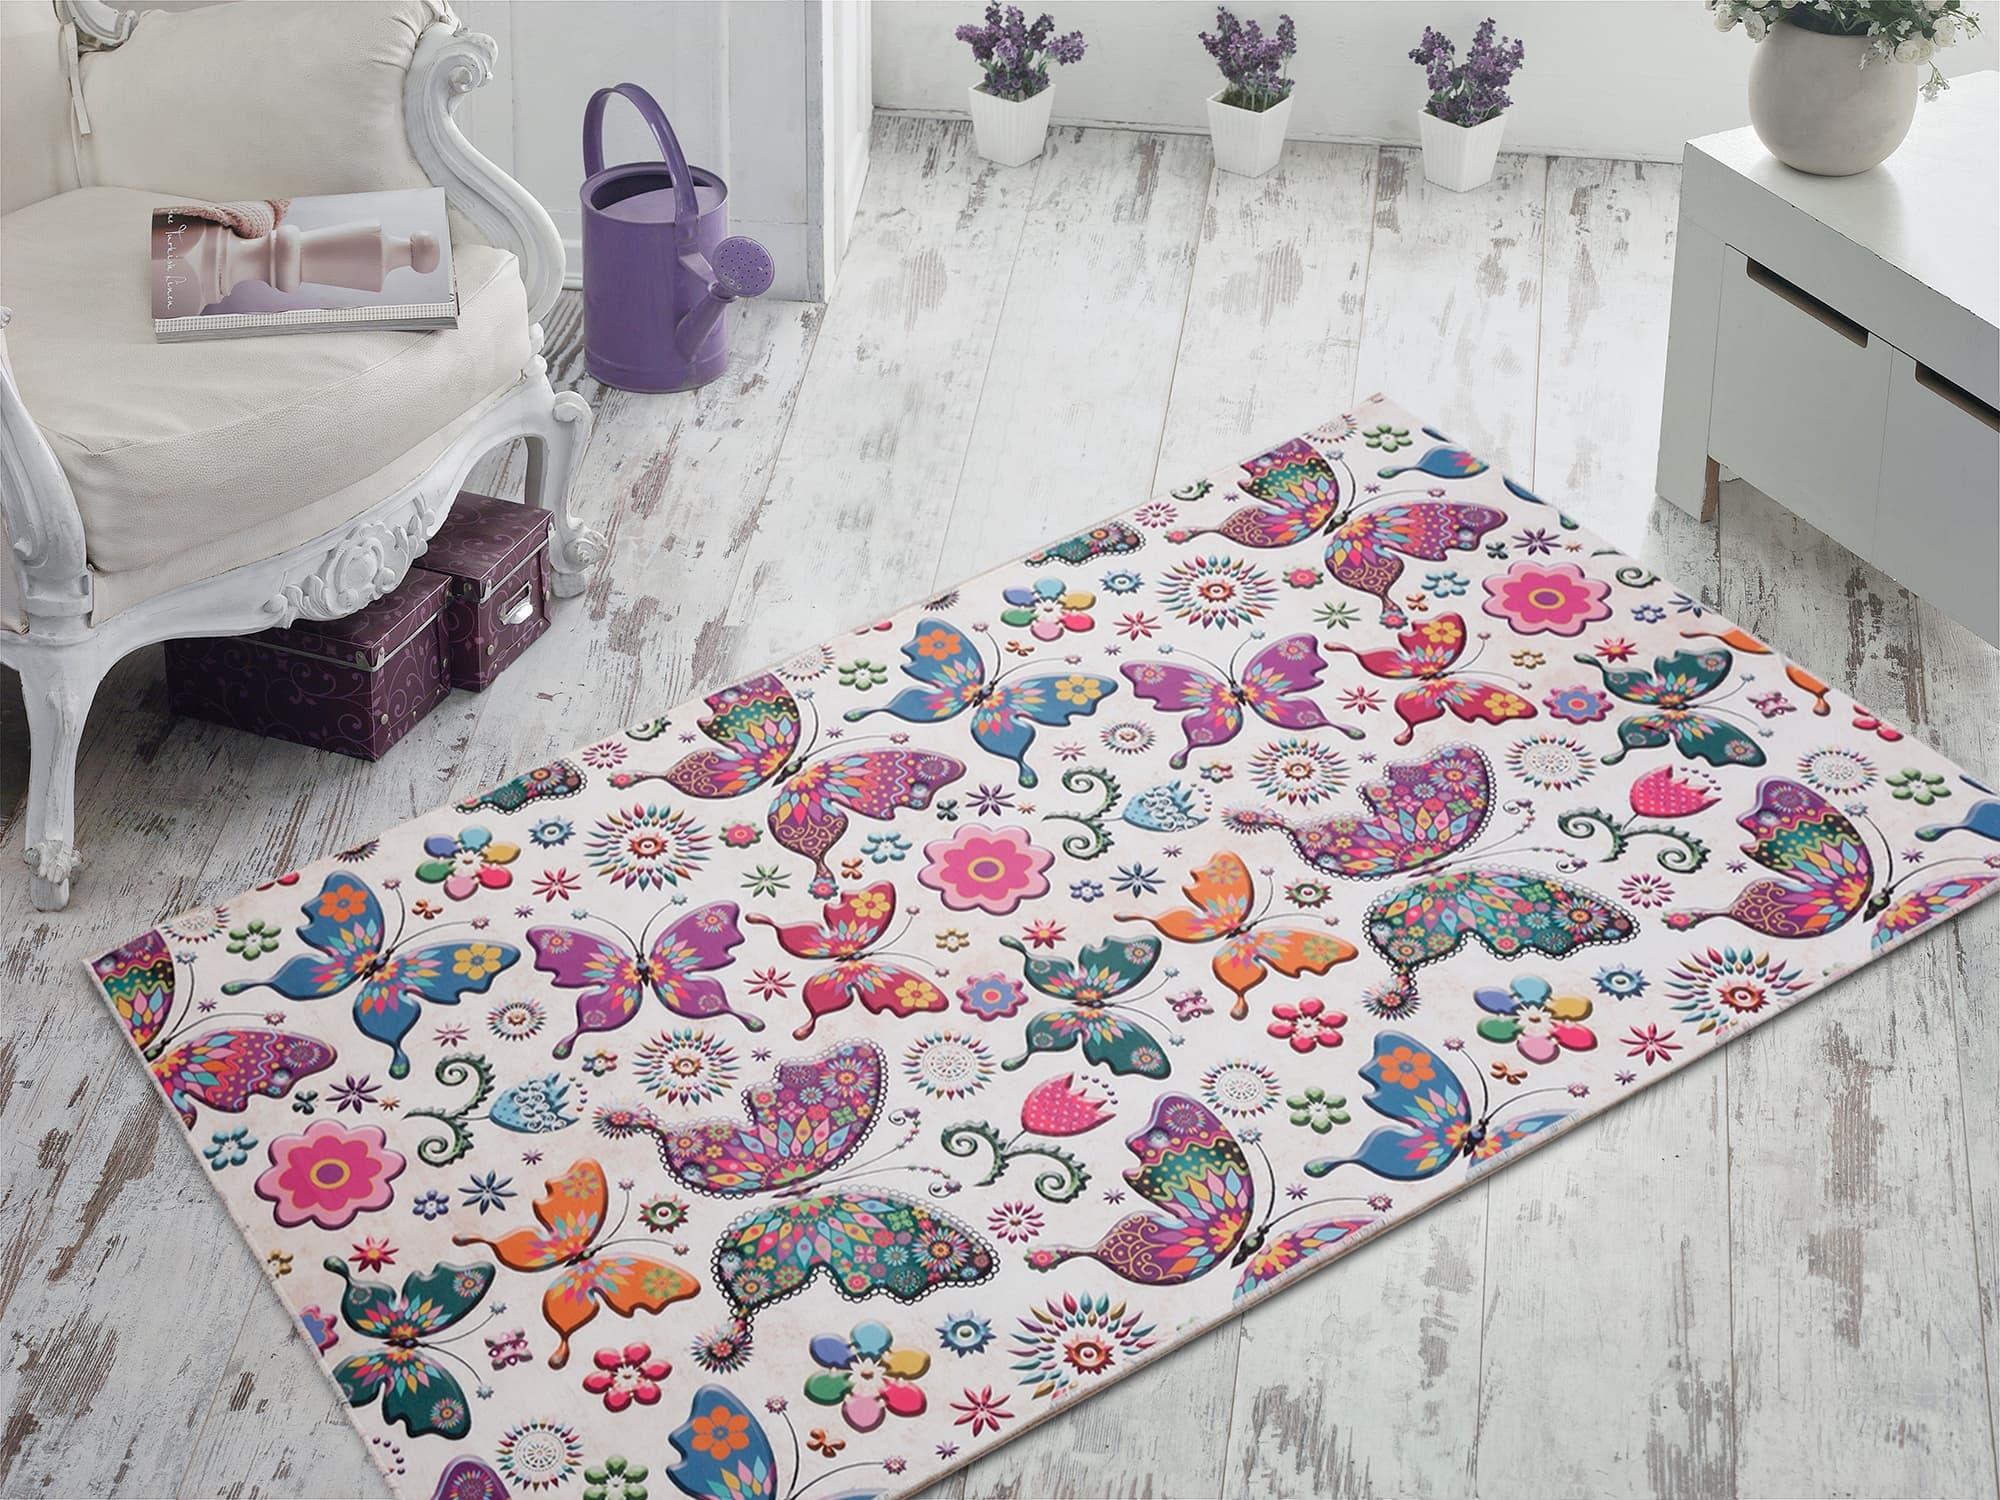 Covor pentru copii Butterfly 2008 Multicolor, 80 x 170 cm imagine